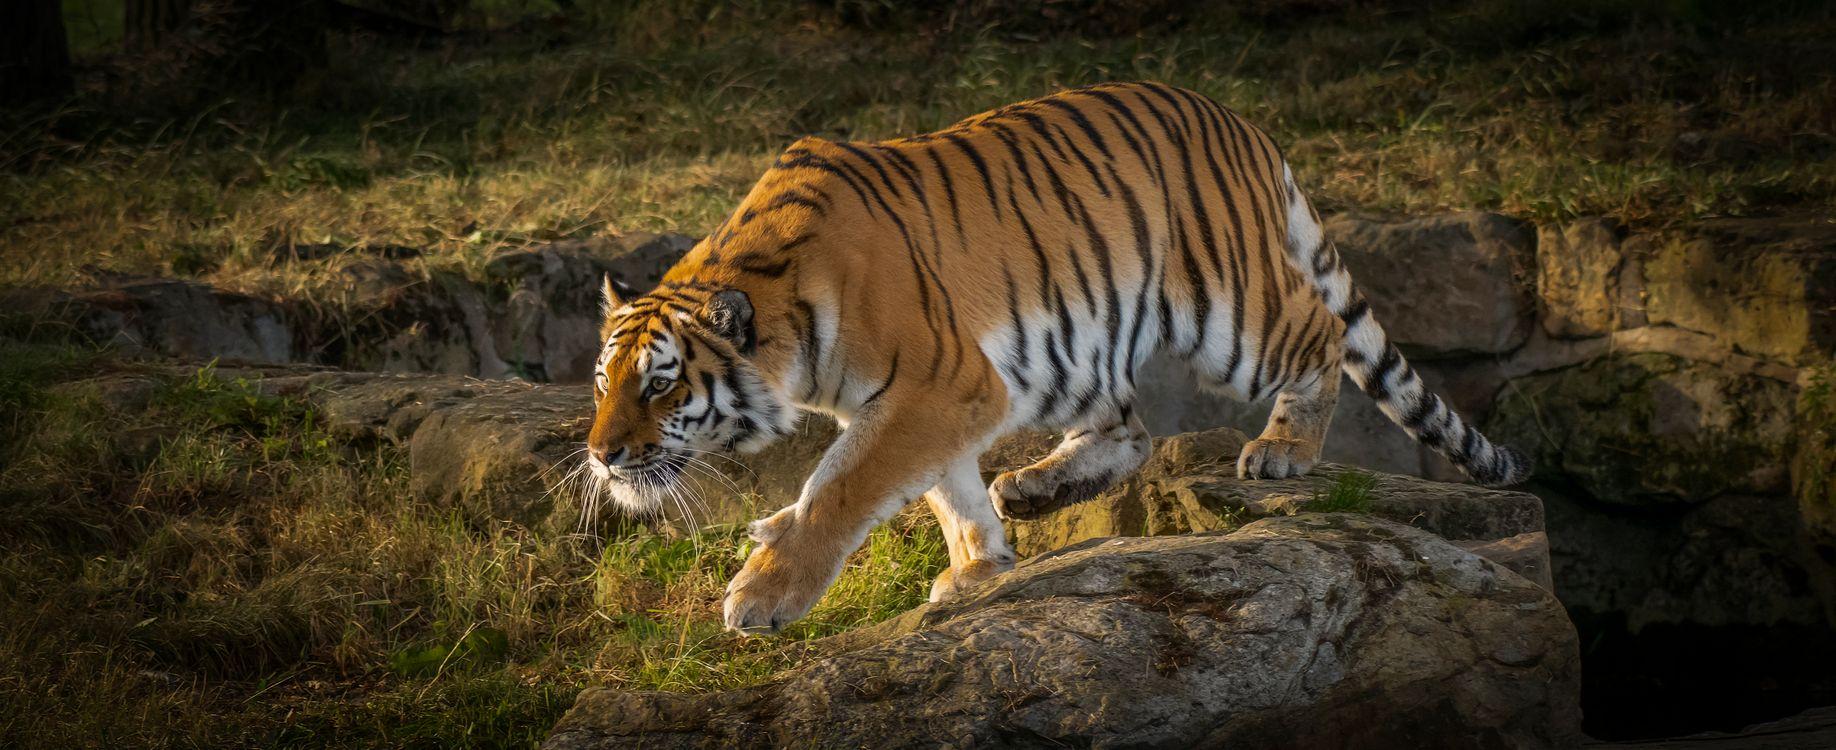 Фото амурский тигр, большая кошка больших размеров